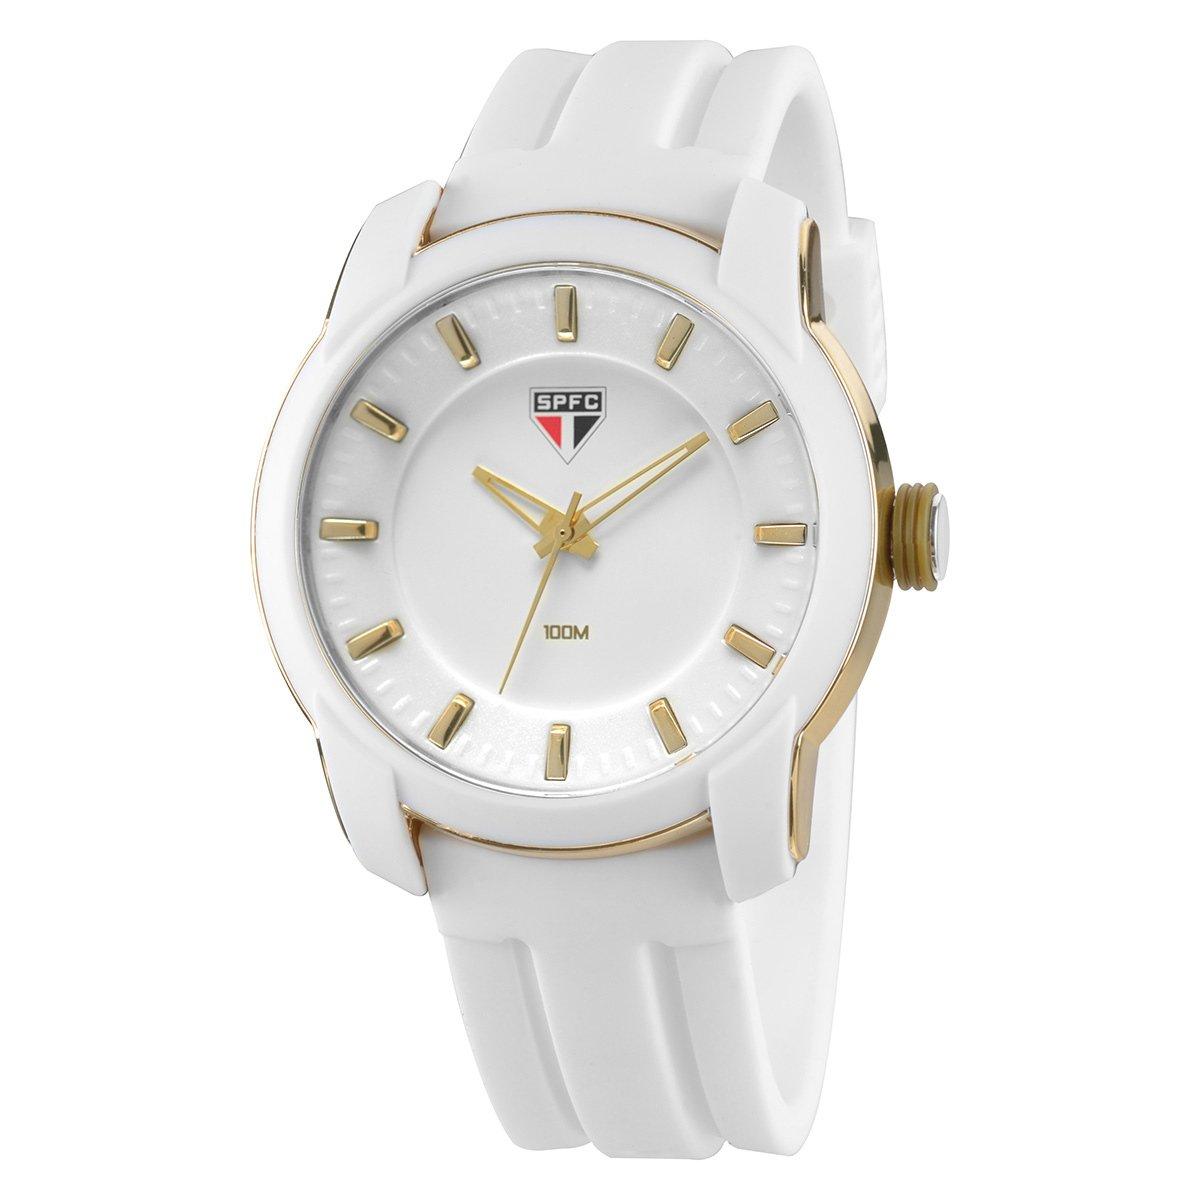 0e1d7880d7b Relógio São Paulo Analógico II Technos - Compre Agora